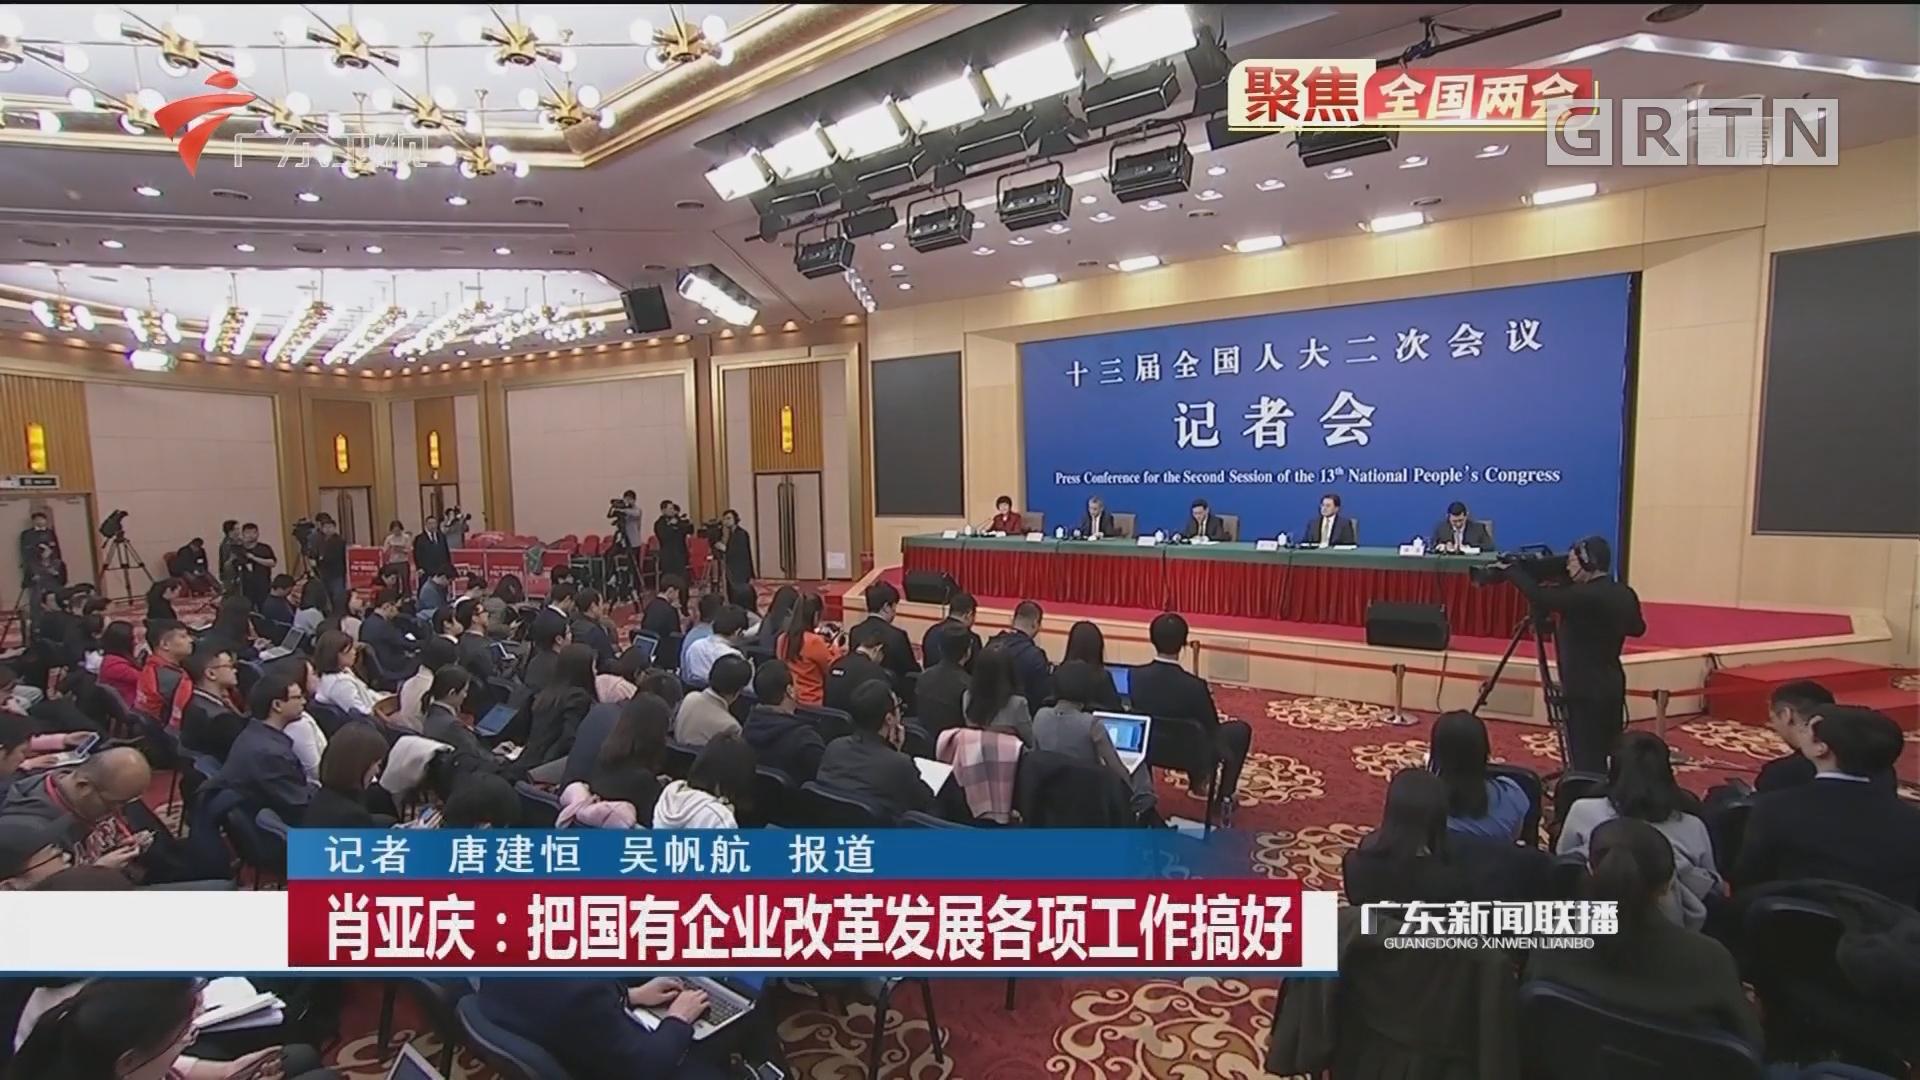 肖亚庆:把国有企业改革发展各项工作搞好